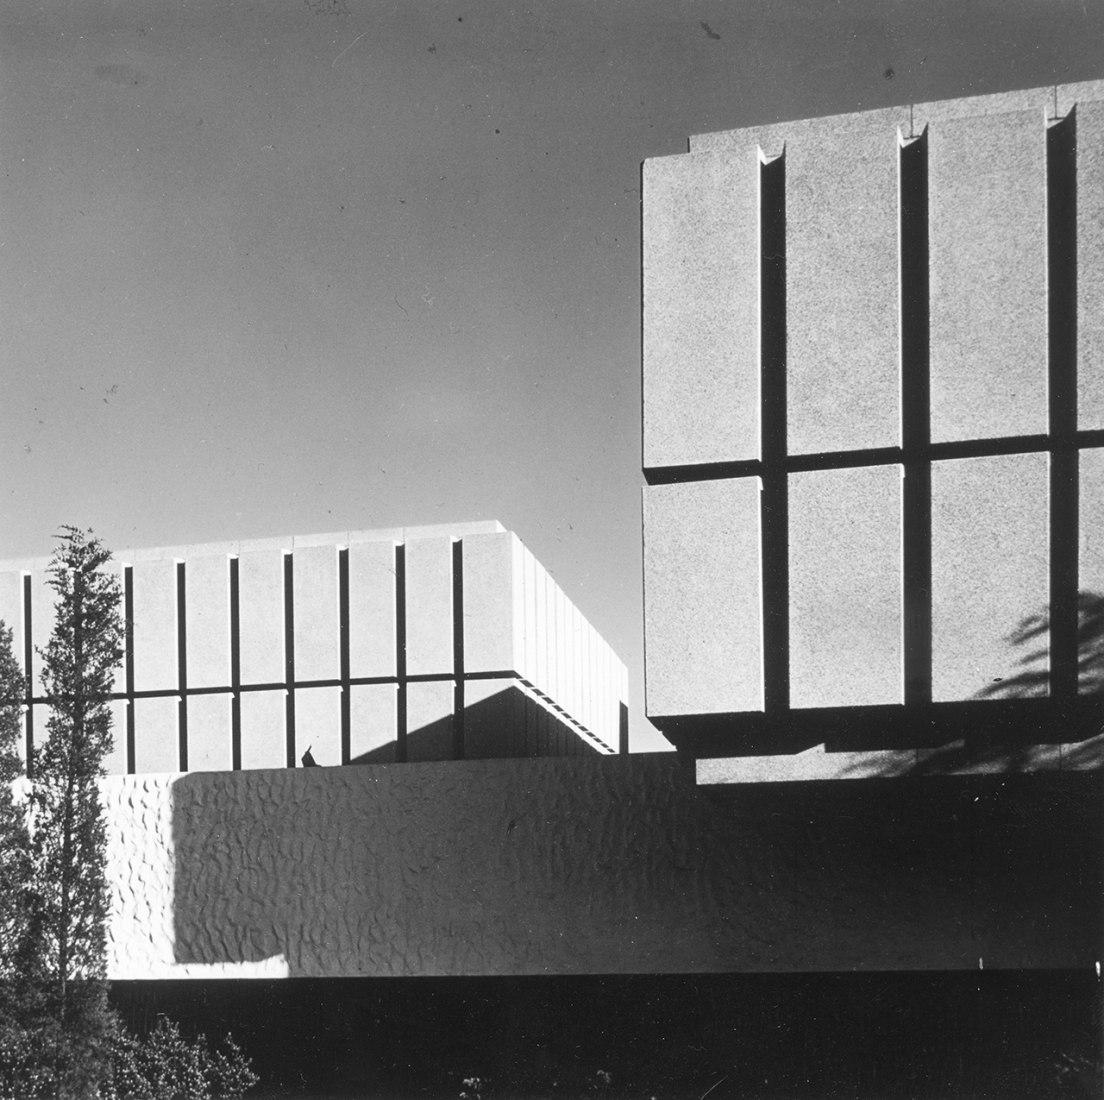 Detalle del pabellón español en Nueva York, 1964-65. Imagen cortesía de Loewe.